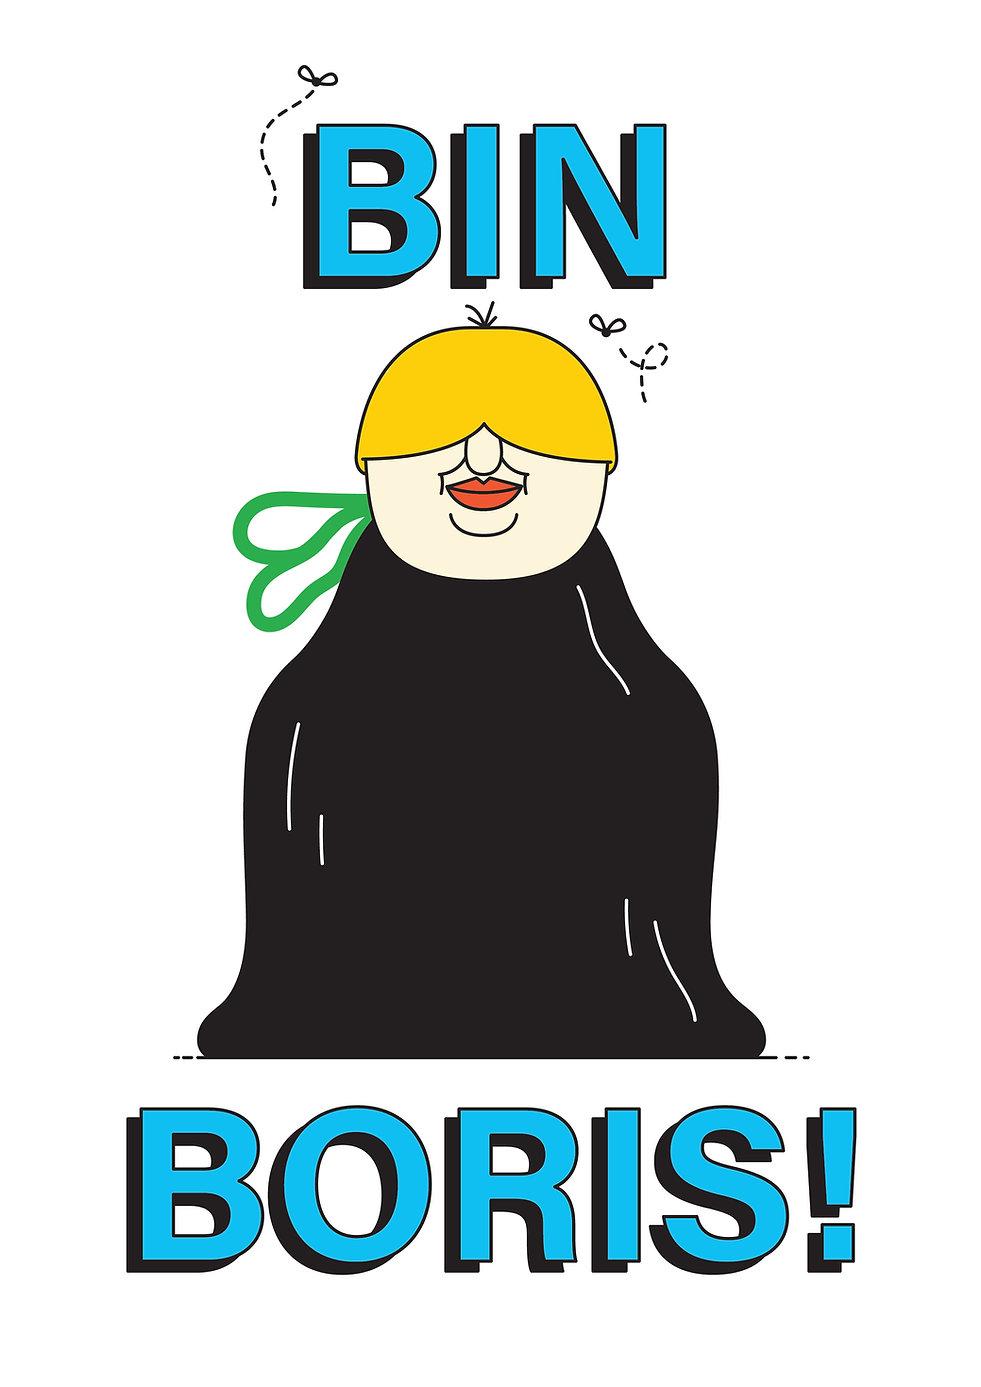 BORIS-01.jpg